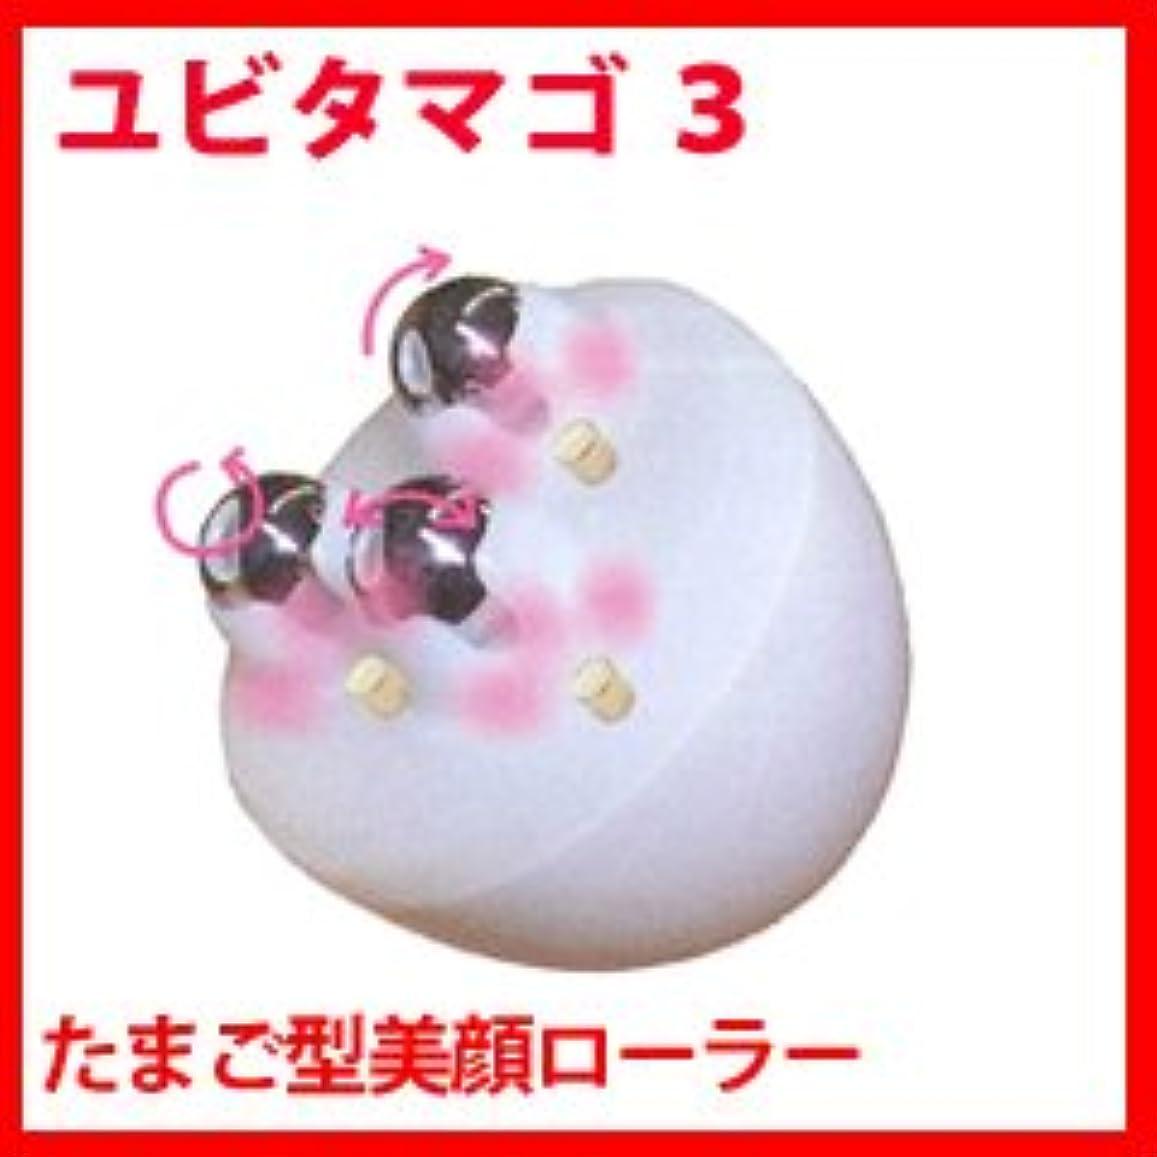 メンタリティ衣服気分ユビタマゴ3 卵型美顔器 ゆびたまご3 美顔ローラー ホワイト